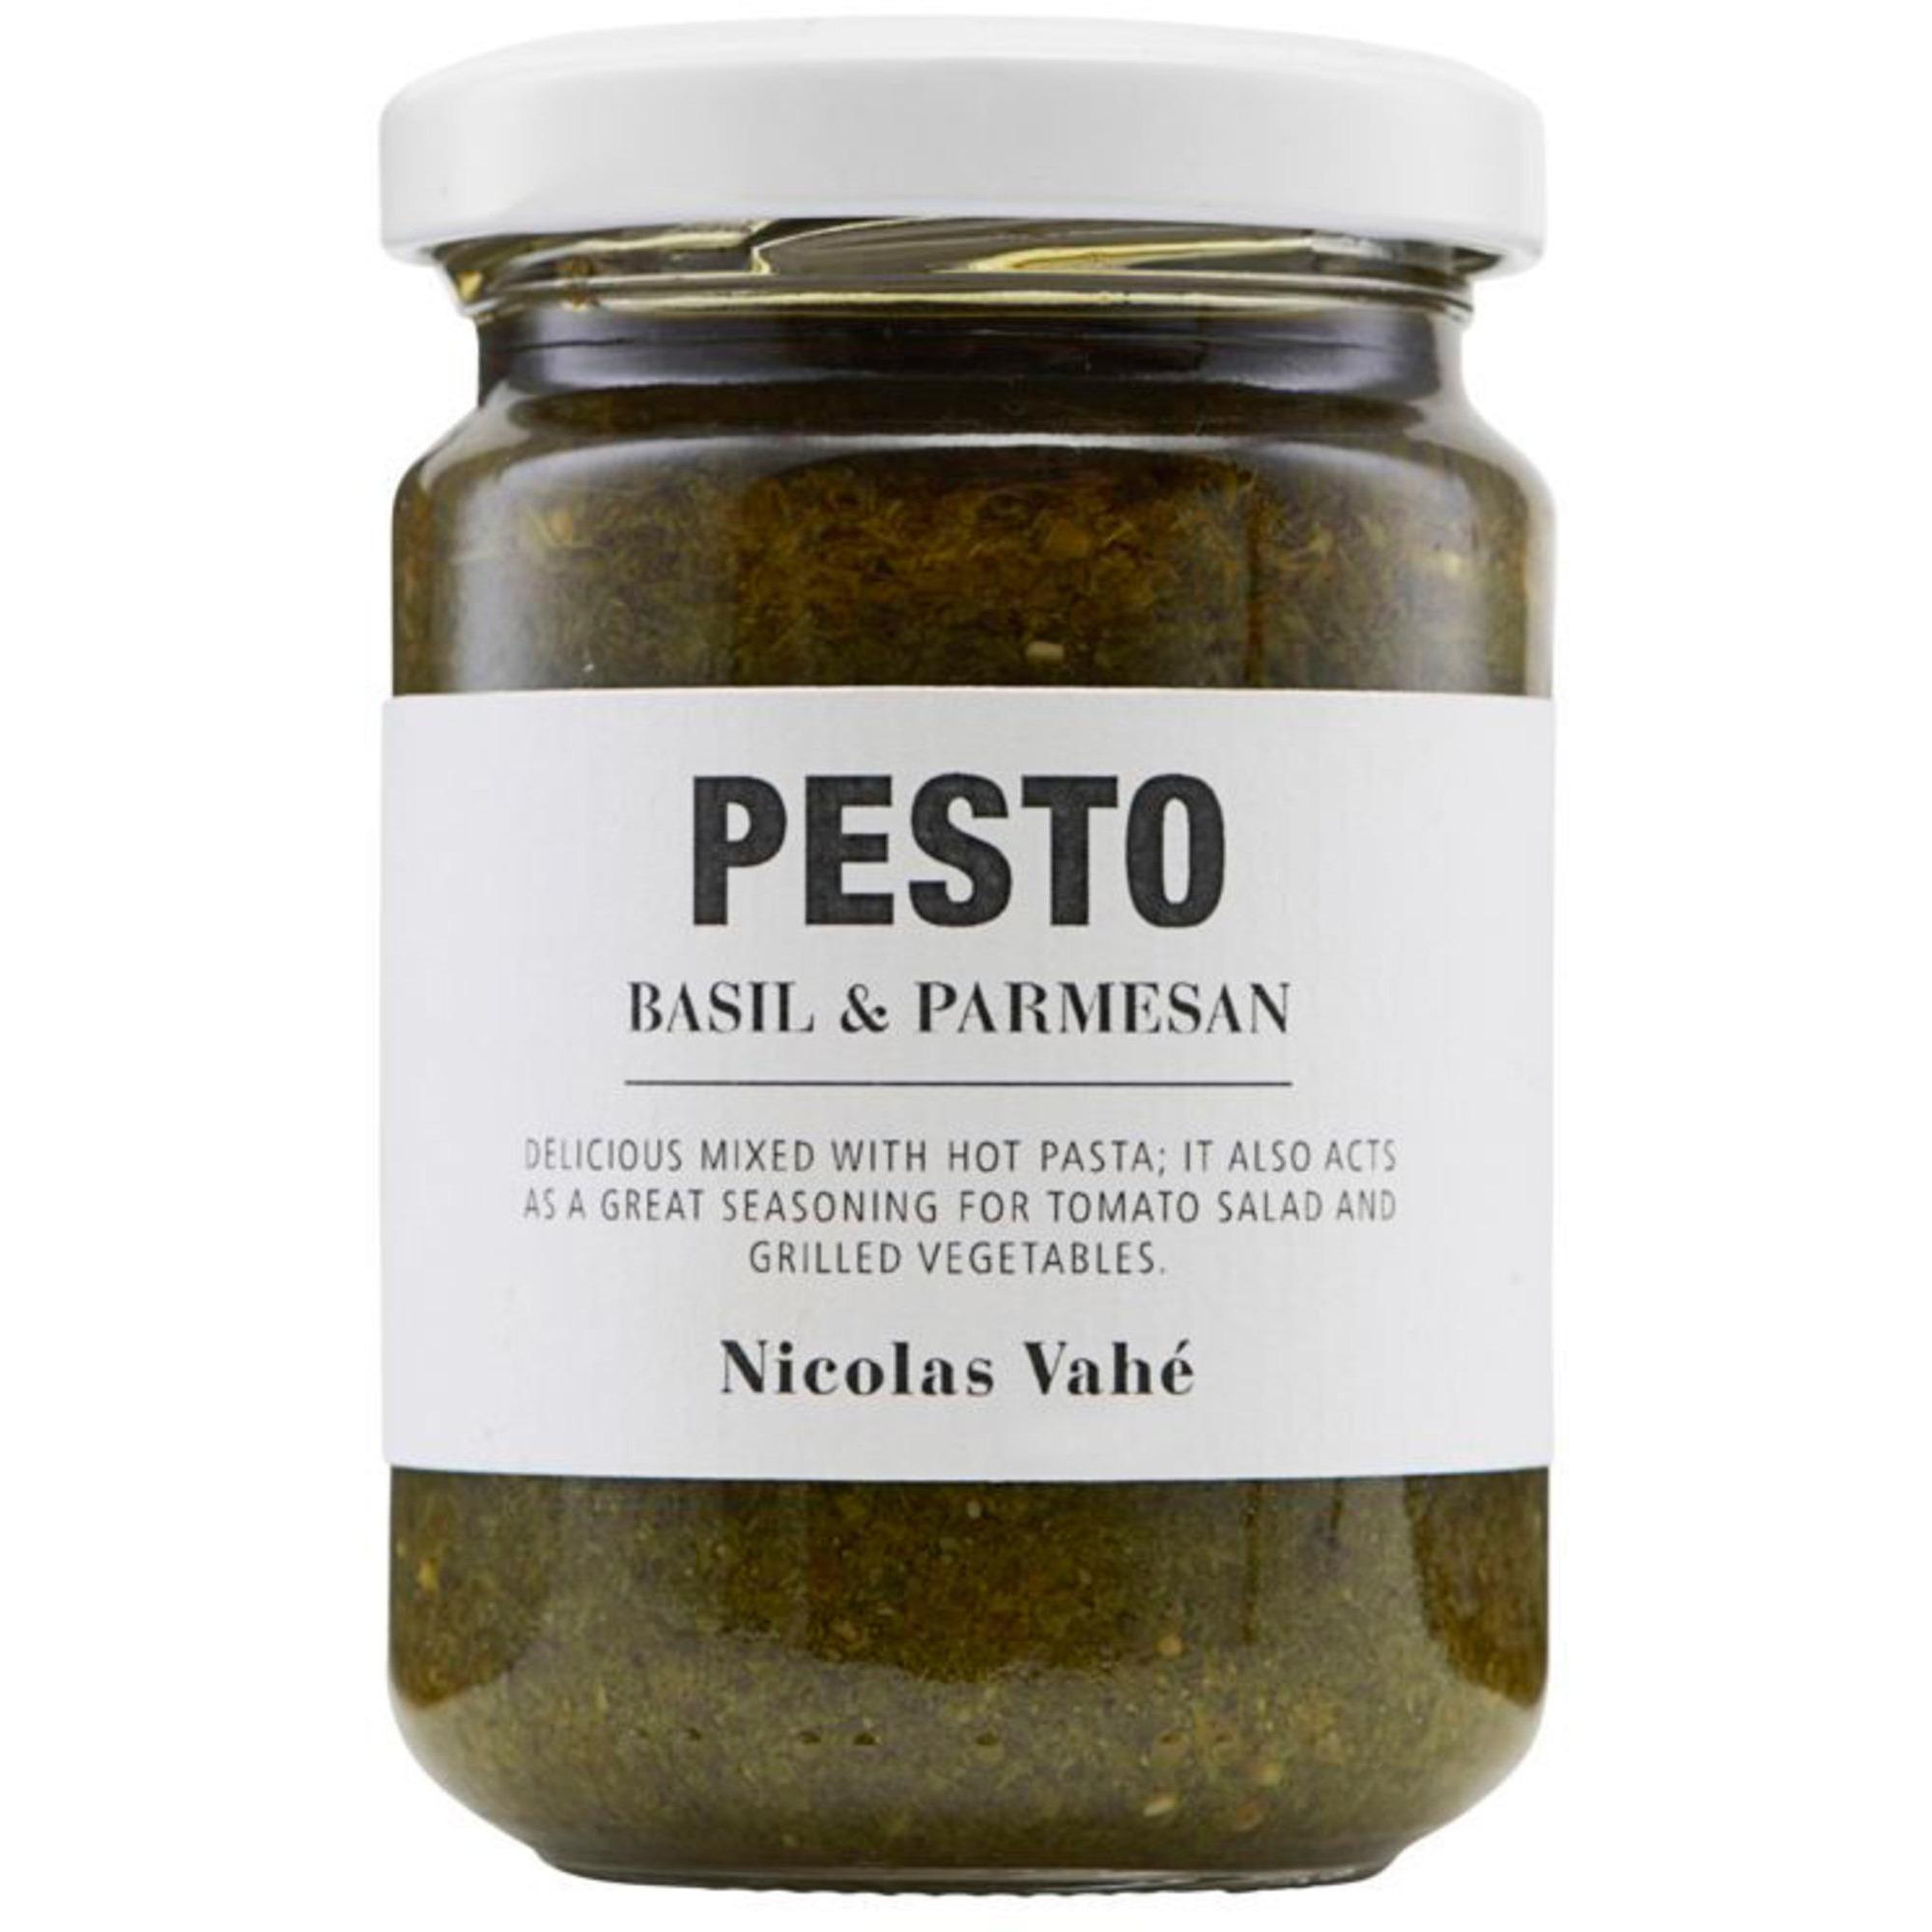 Nicolas Vahé Pesto m. Basilika och parmesan